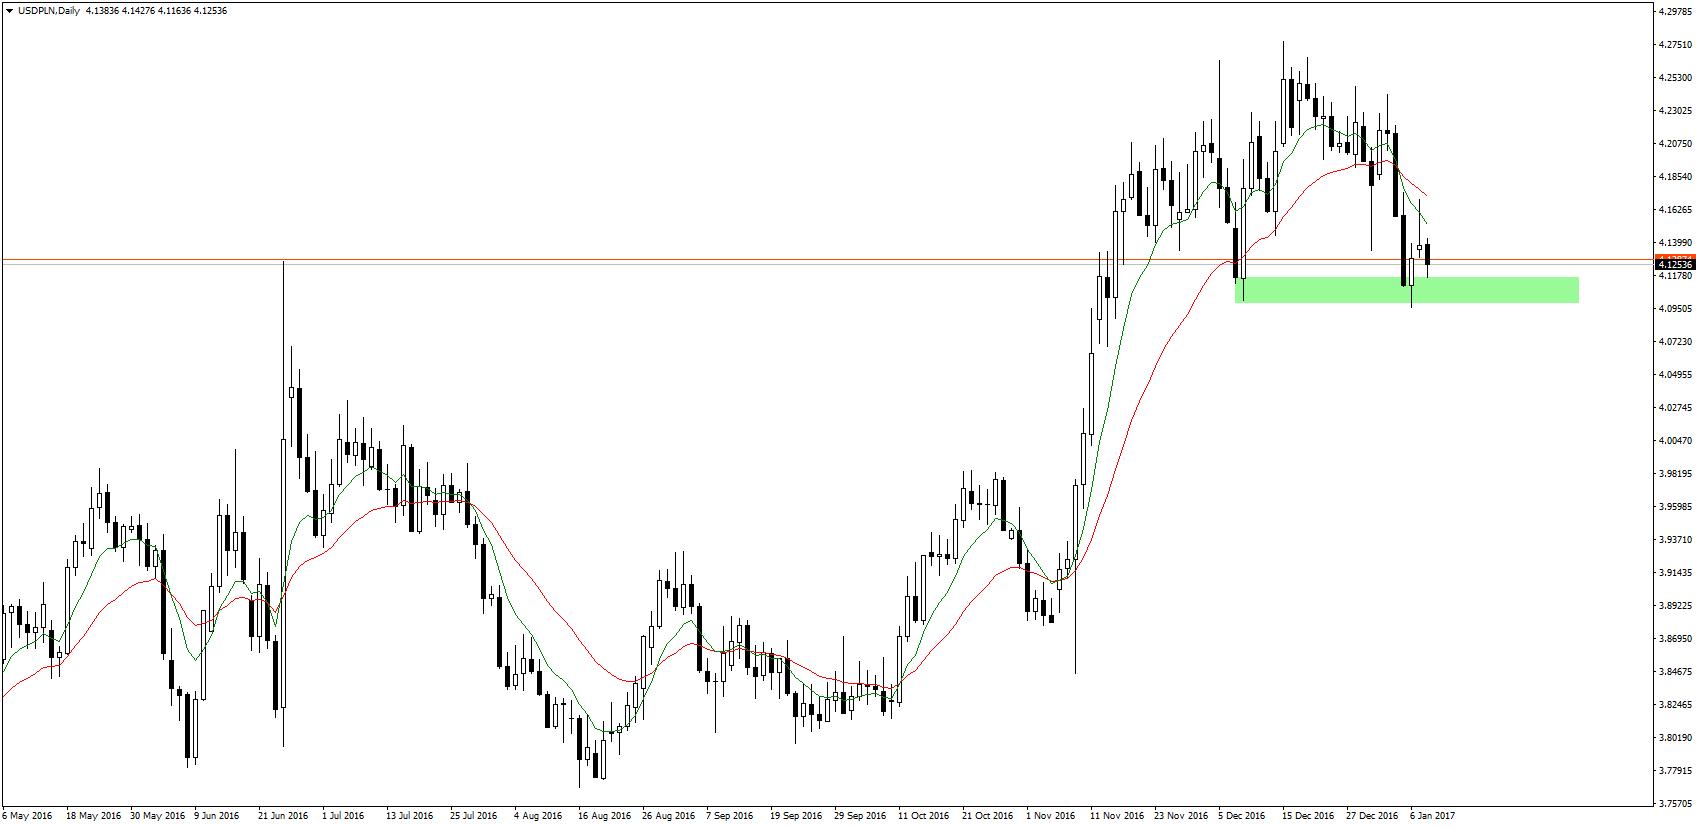 Podobnie jak w przypadku EUR/PLN, sytuacja na wykresie USD/PLN faworyzuje niedźwiedzie. Negatywnym sygnałem dla sprzedających może być brak przebicia strefy wsparcia w rejonie 4,1050